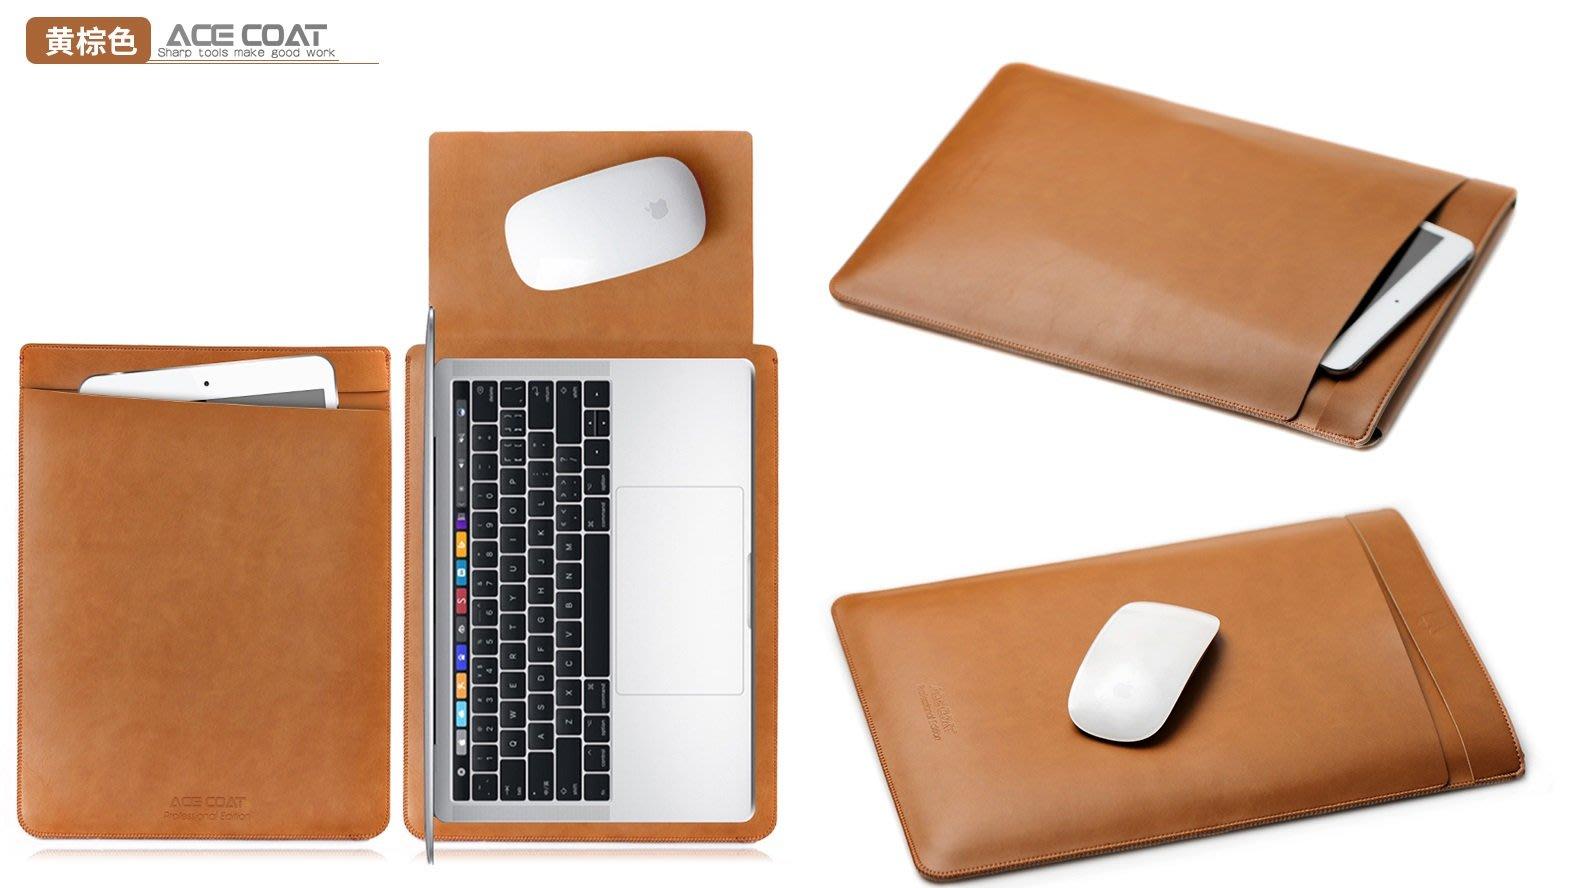 【現貨】ANCASE Macbook Air / Pro Retina 13.3 皮套雙層電腦保護包